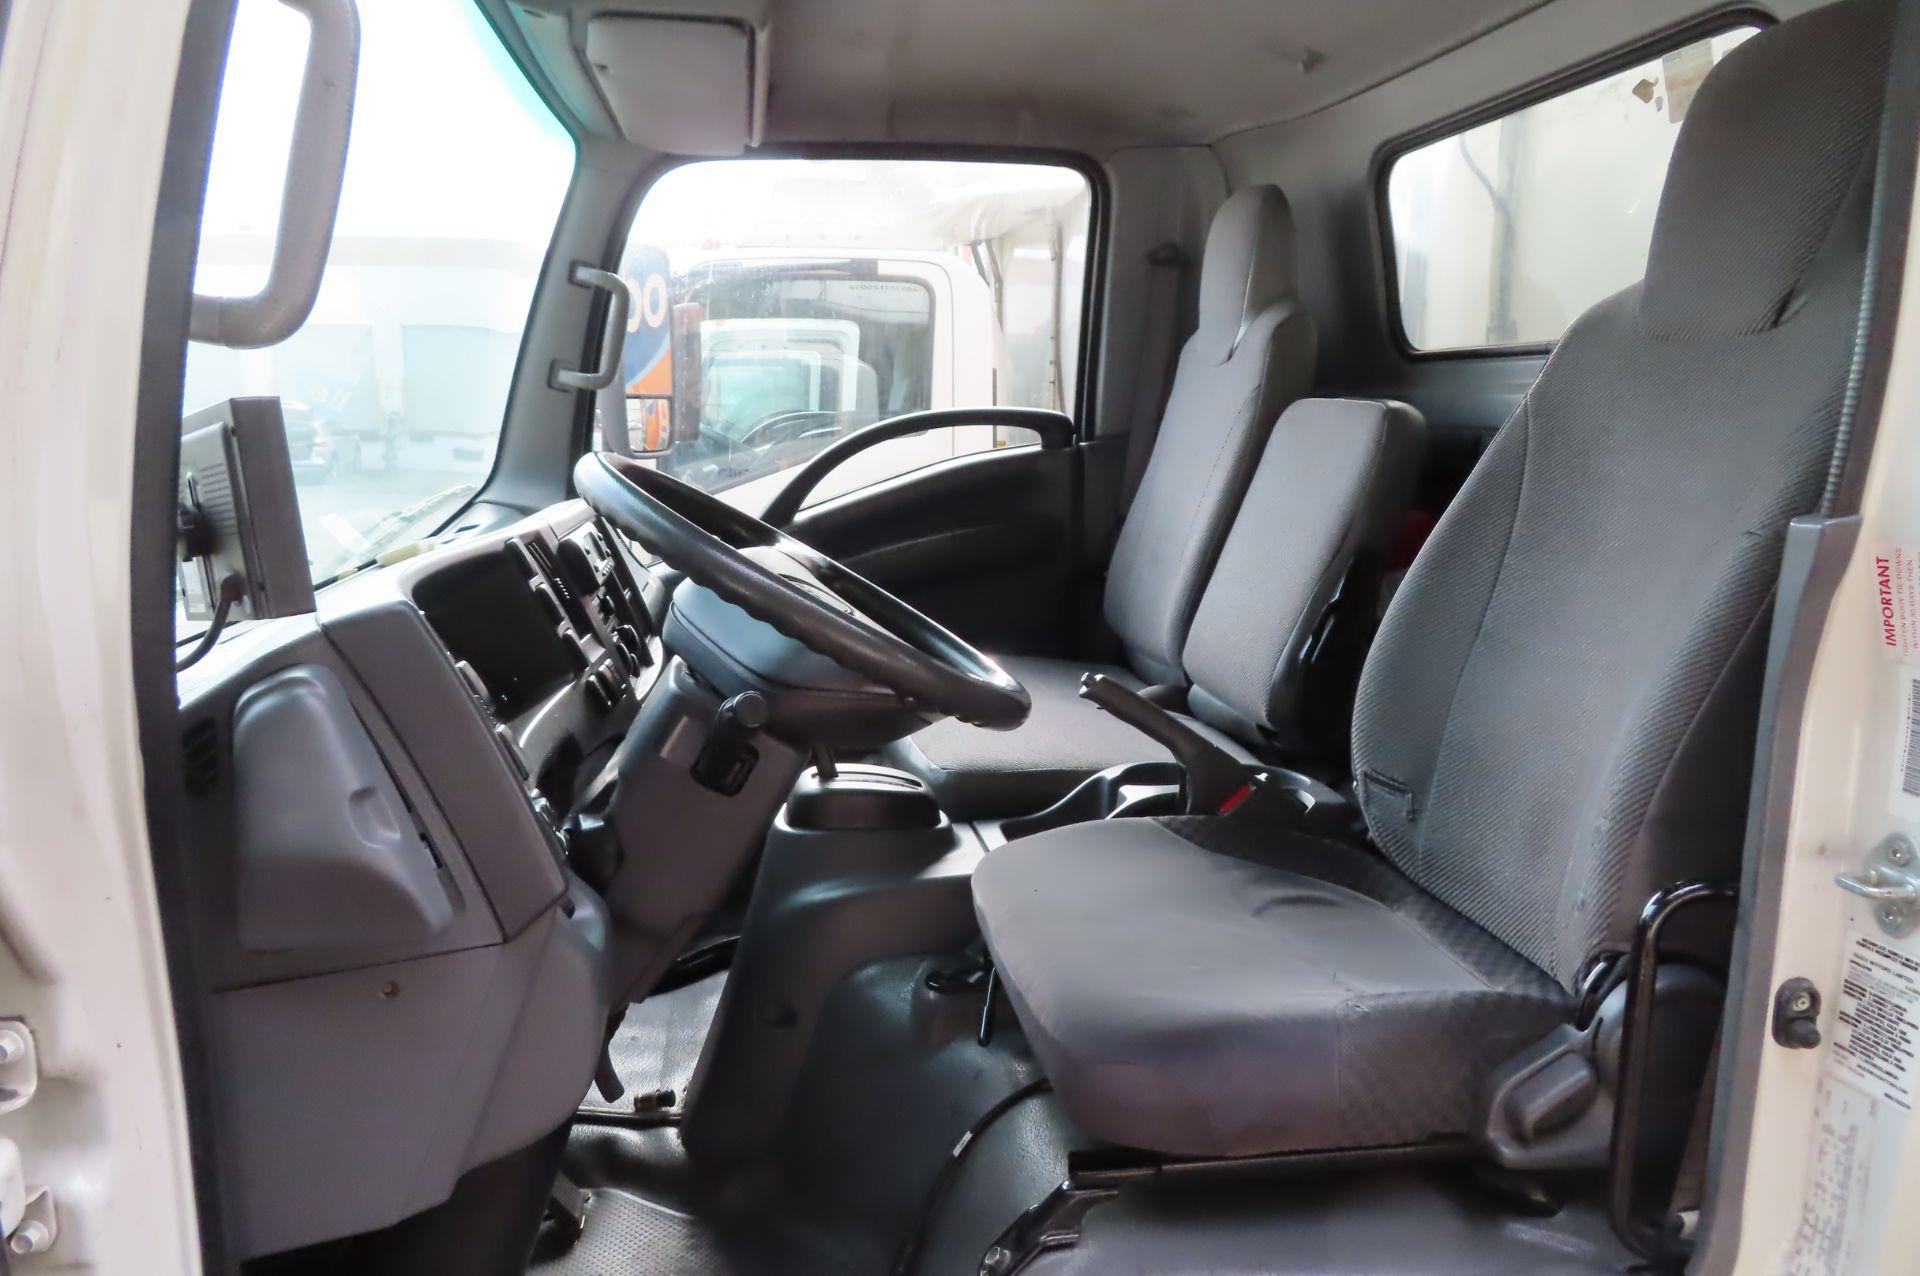 2012 Isuzu refrigerated truck - Image 9 of 10